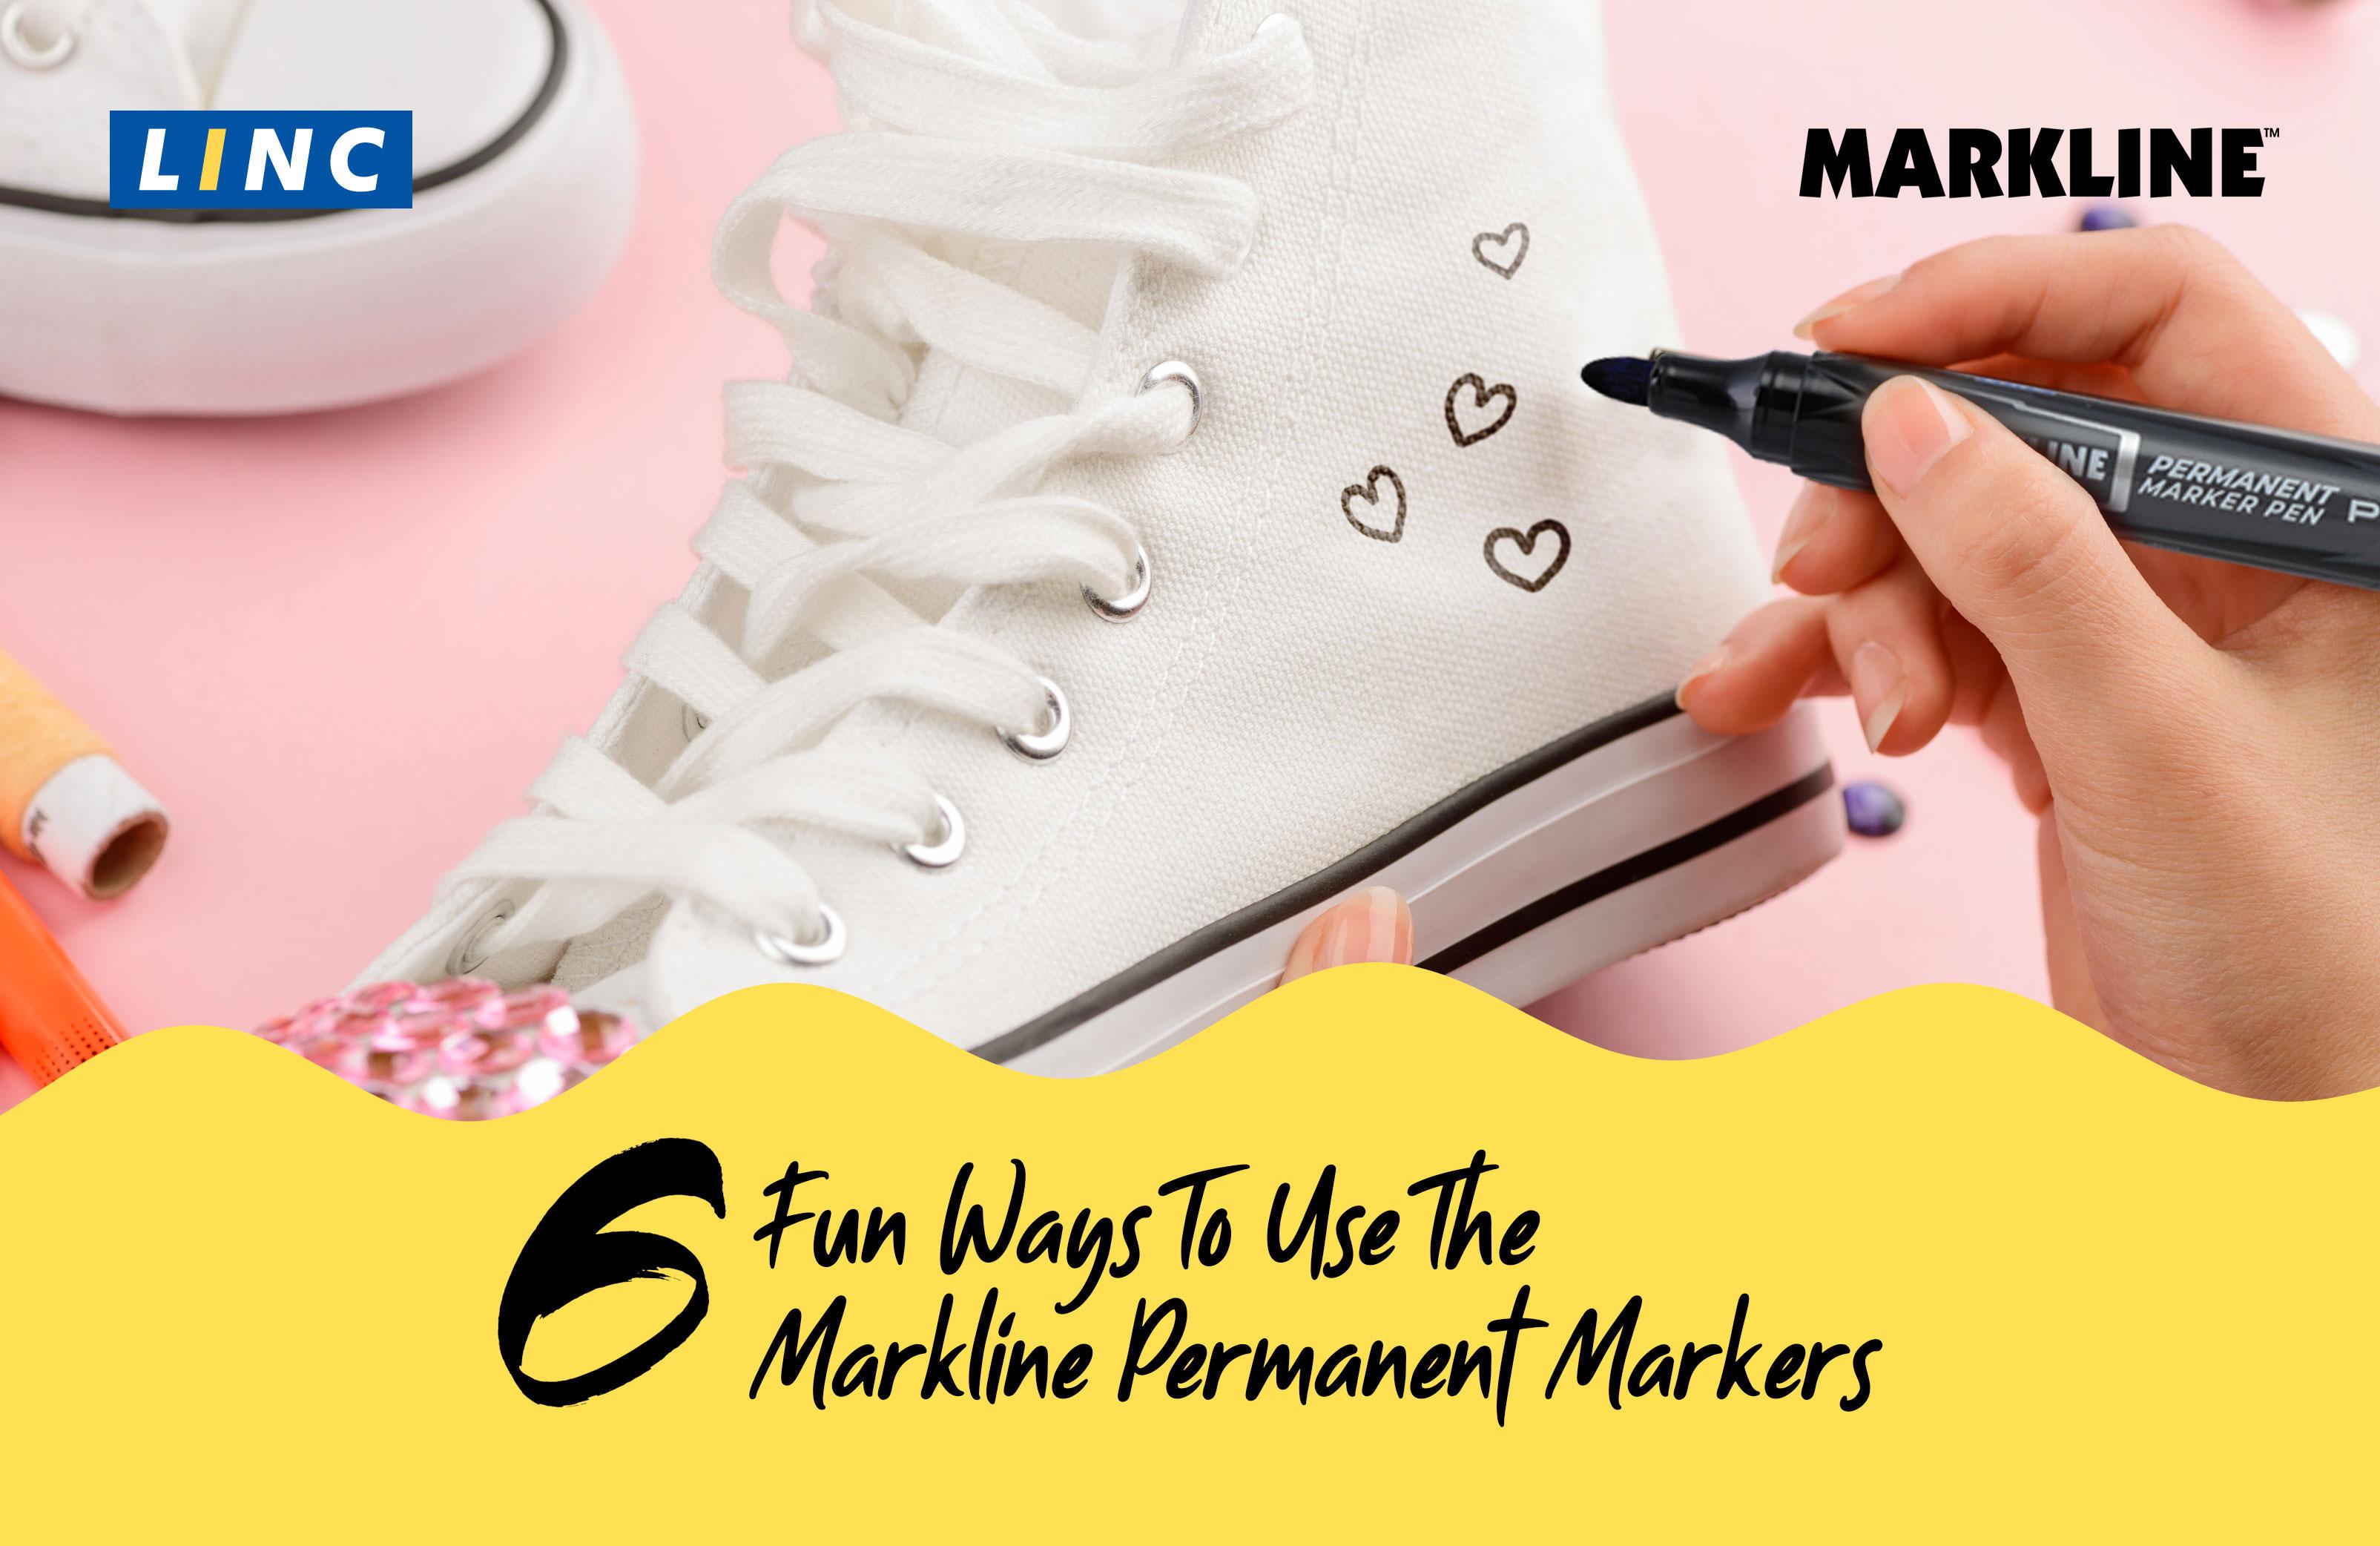 Linc Pens, Linc, Markline